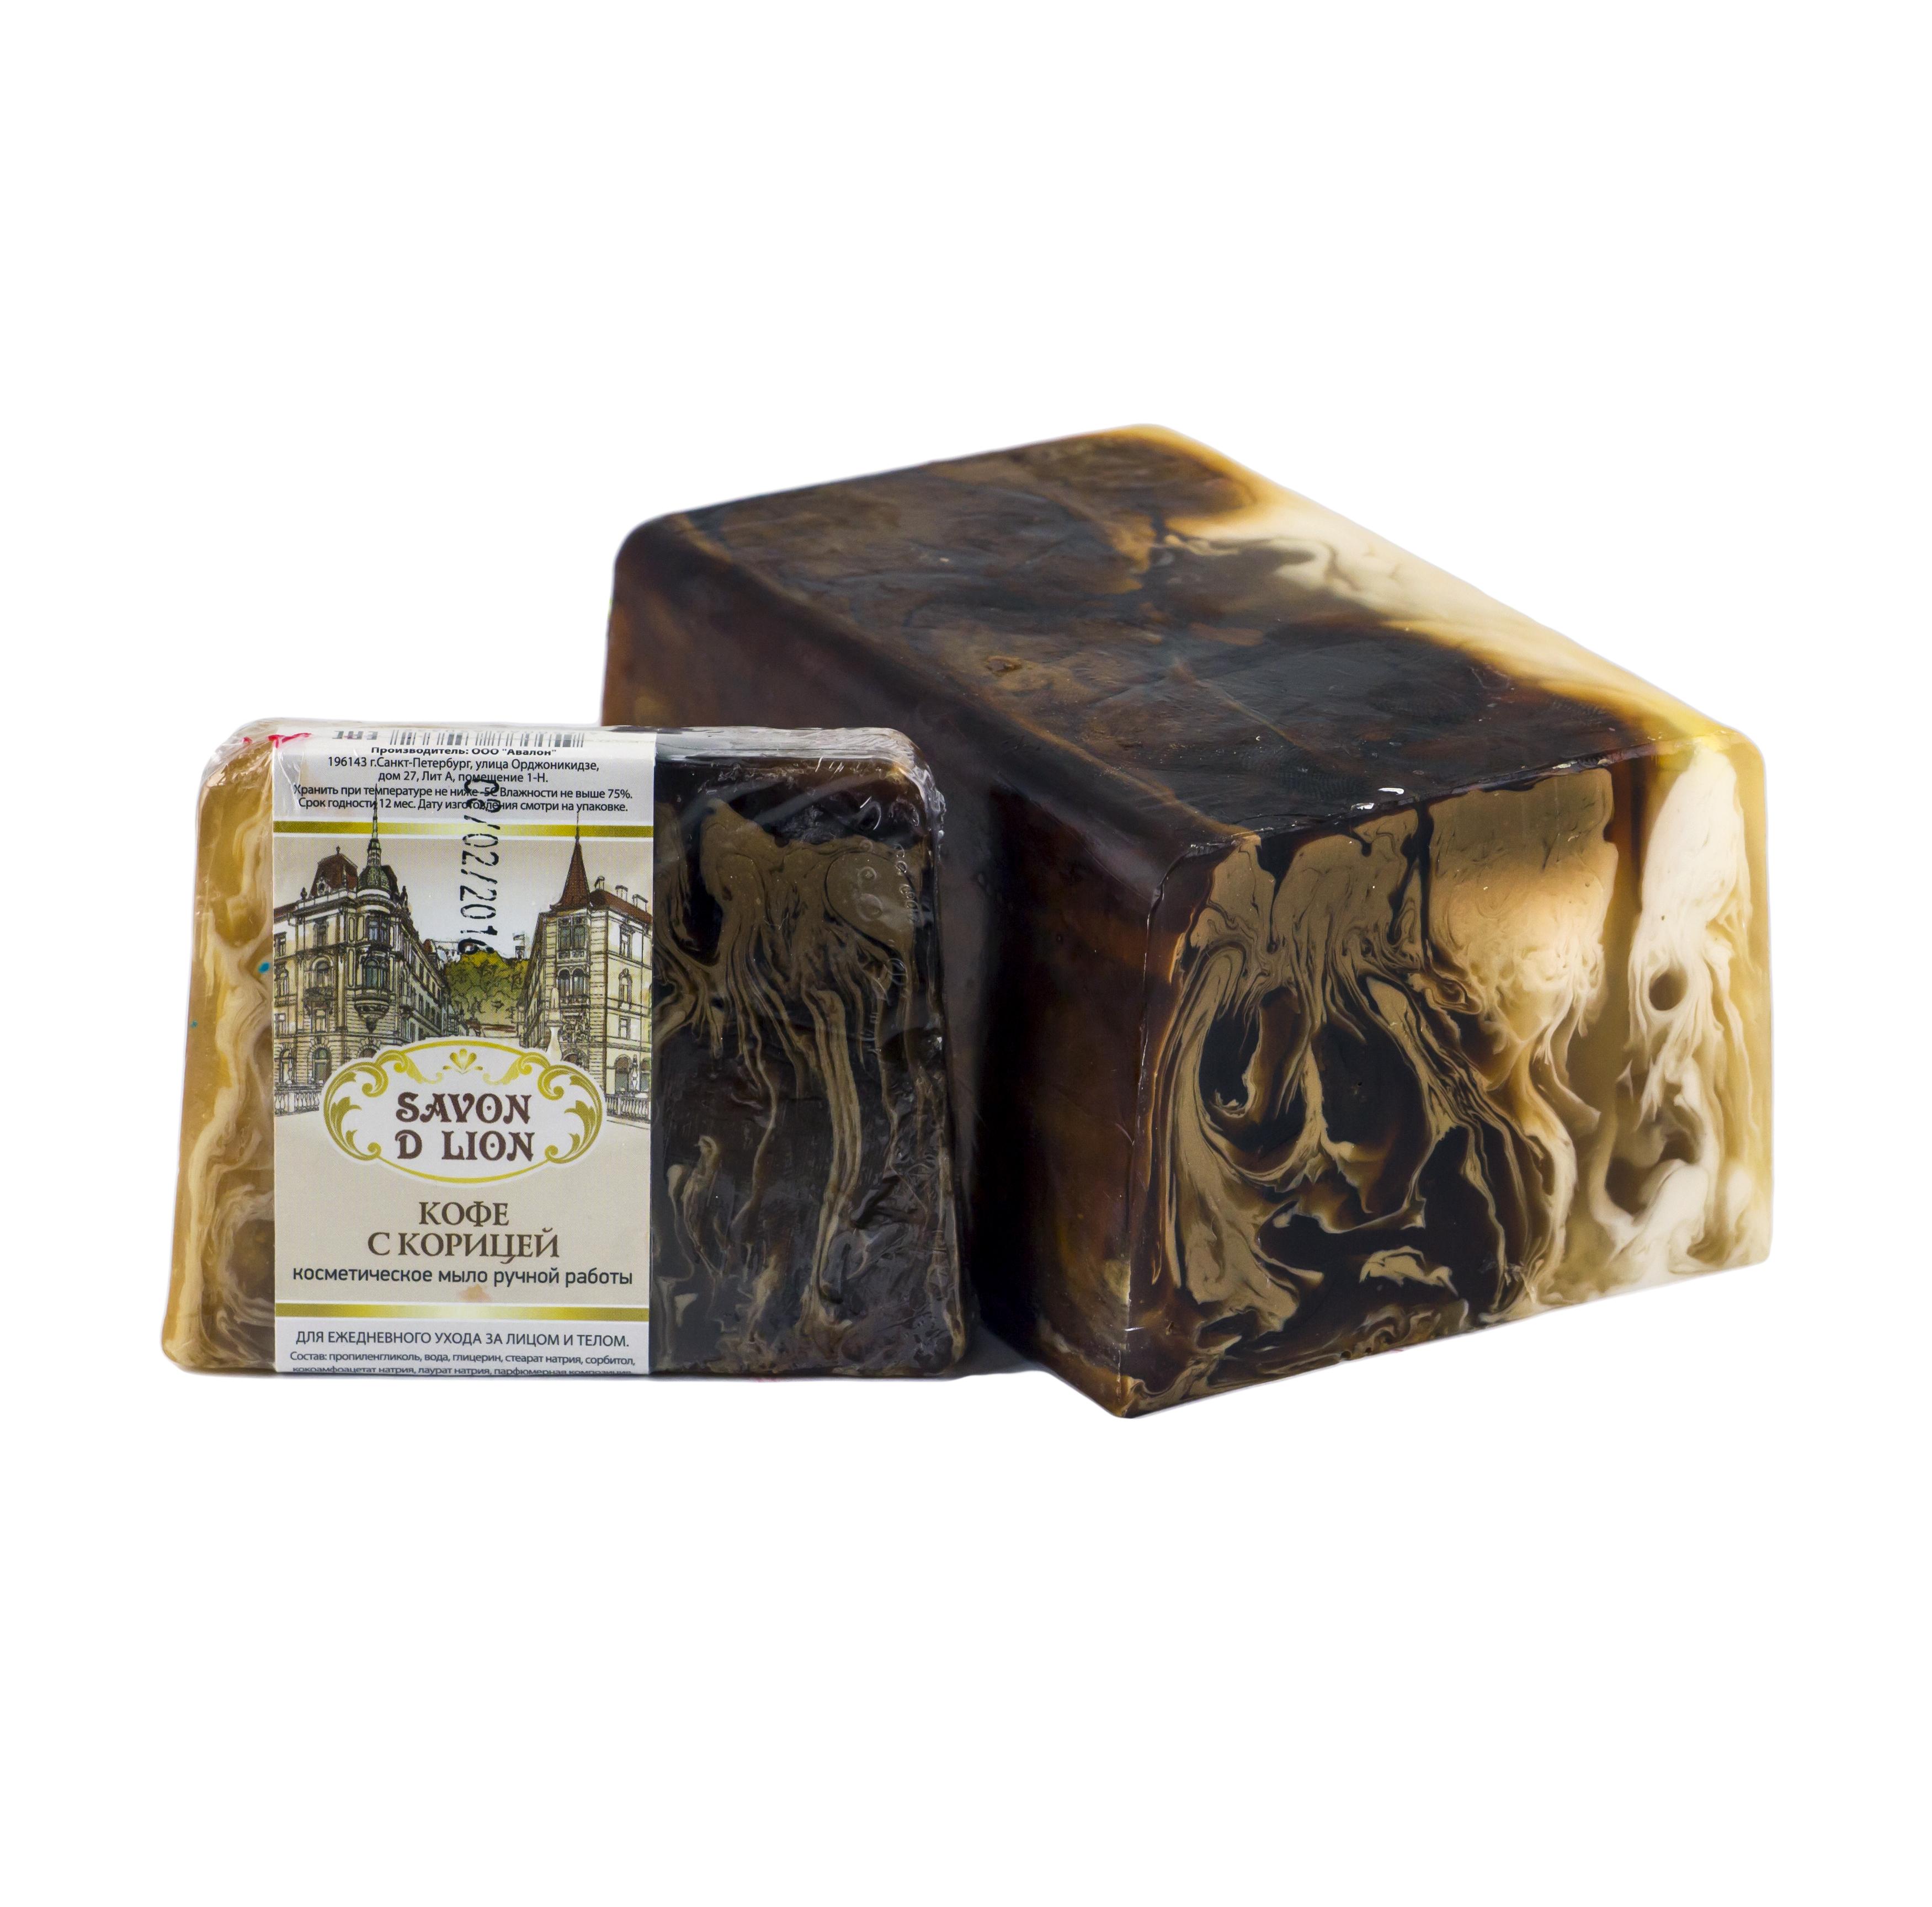 ПРИСТРОЙ Savon D Lion элитное натуральное мыло всего за 42 рубля! Бомбочки для ванн - 32 руб